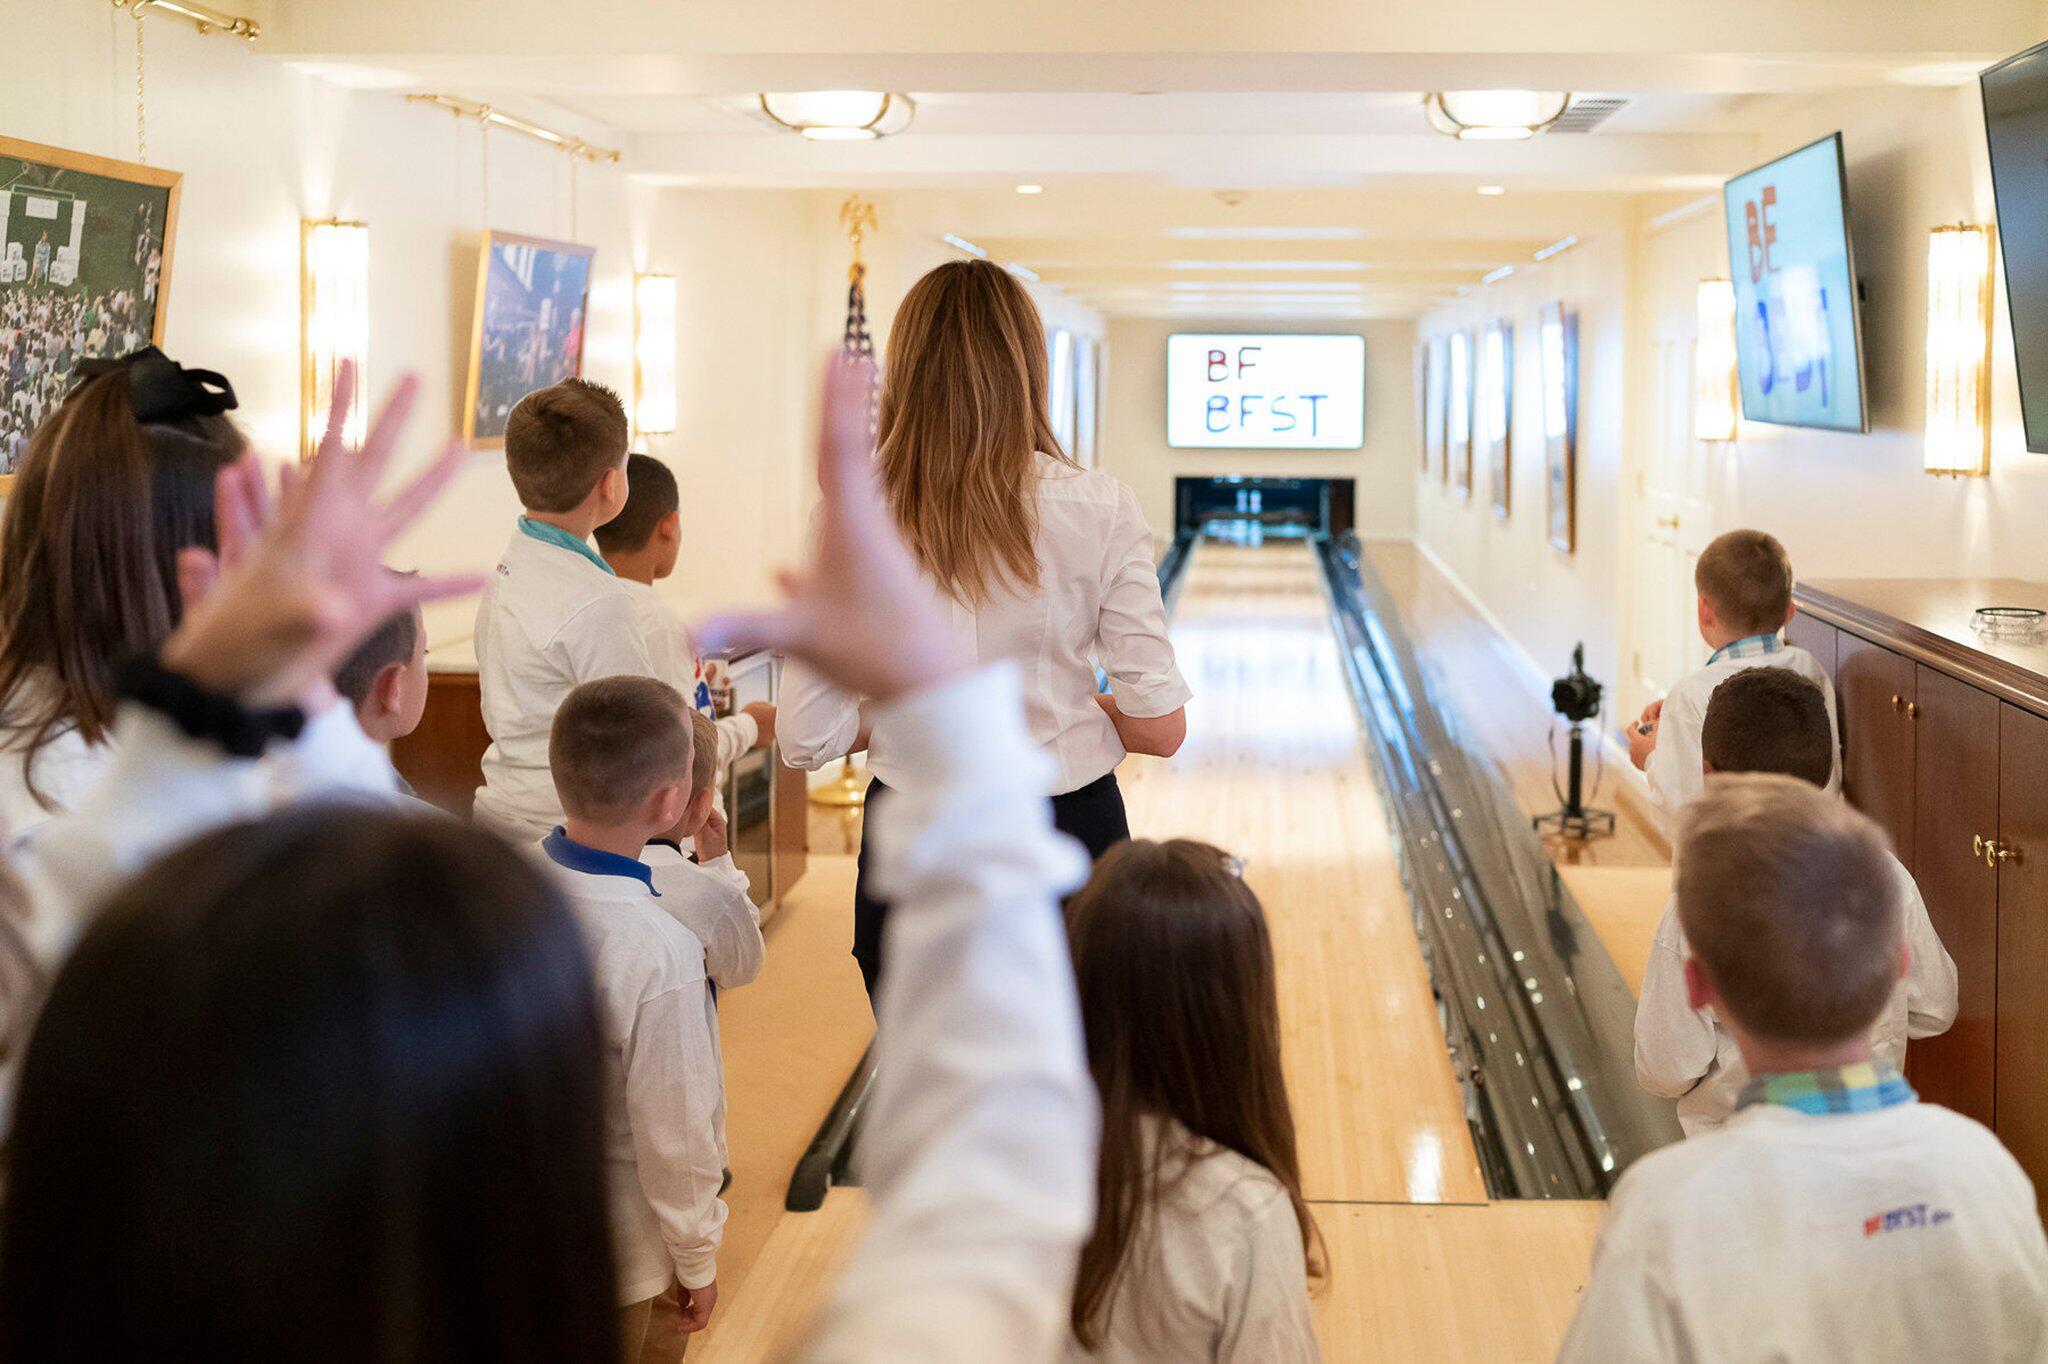 Bild zu Bowlingbahn im Weissen Haus renoviert